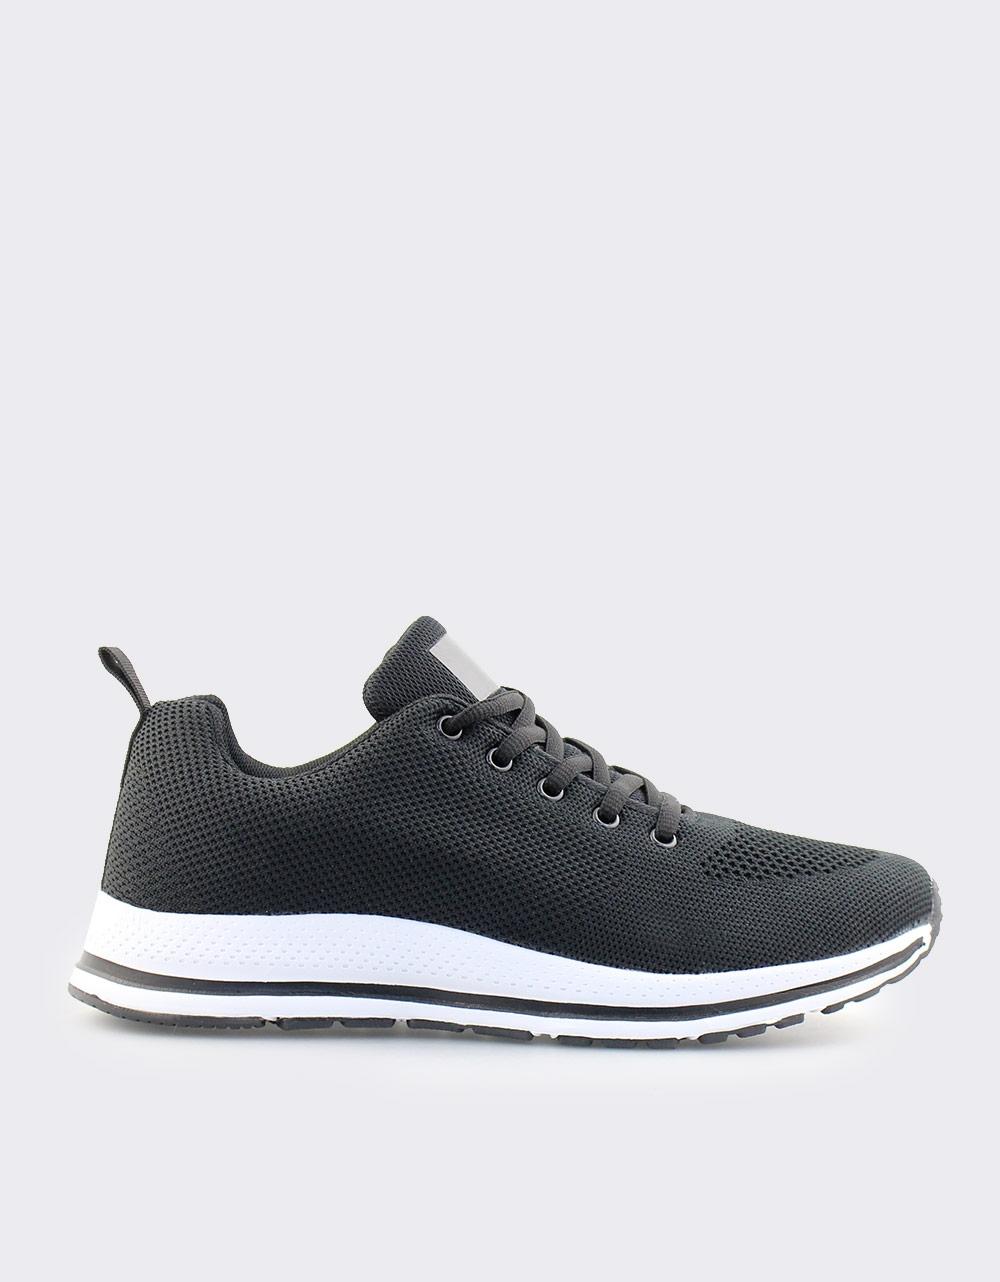 Εικόνα από Ανδρικά sneakers με λεπτομέρεια στη σόλα Μαύρο/Λευκό